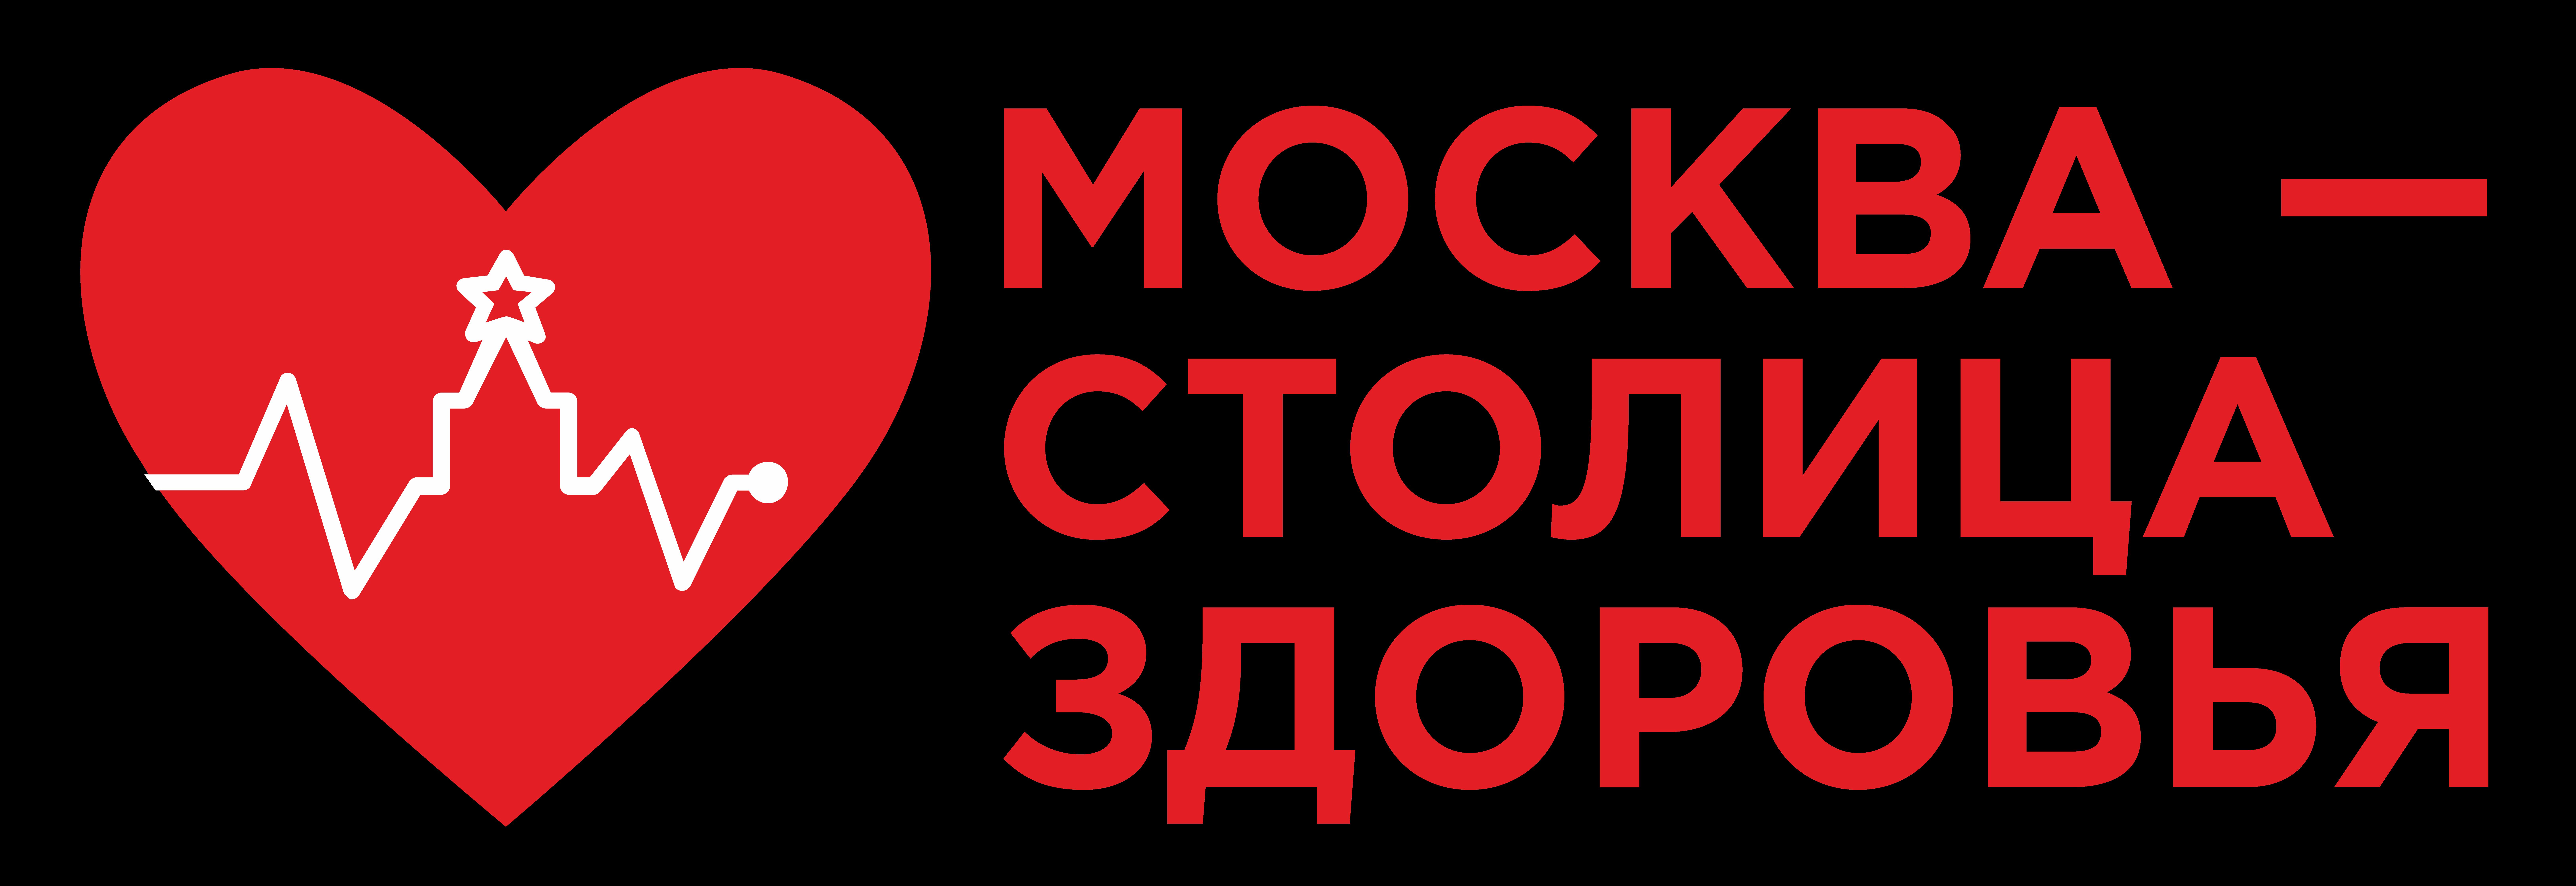 Столица здоровья. Бесплатное лечение в Москве по ОМС для граждан РФ